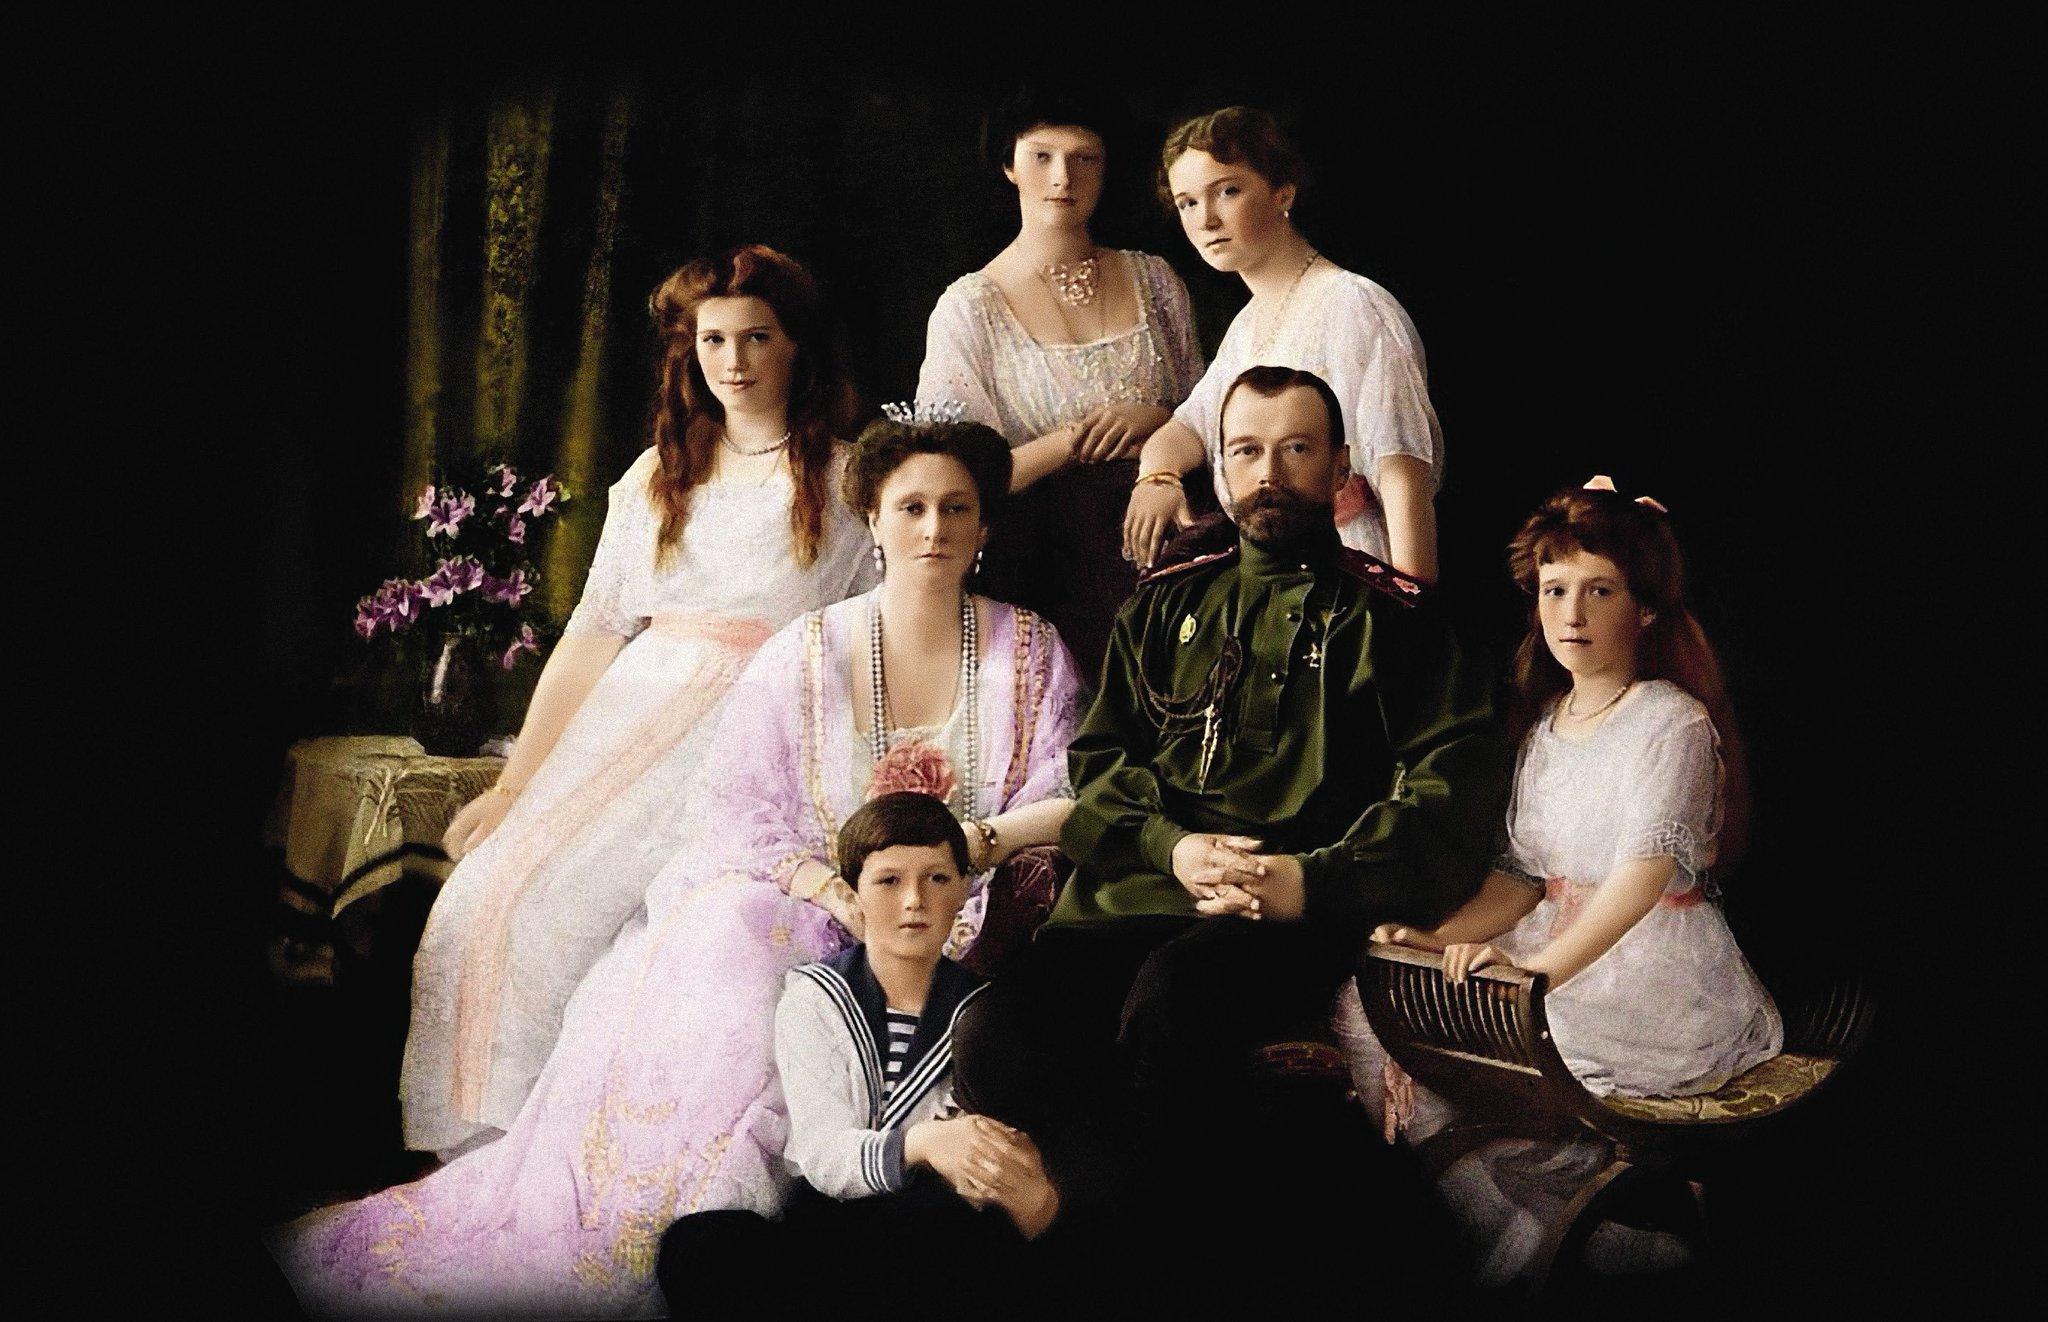 его обещания фотографии семьи романовых последние она принимает участие